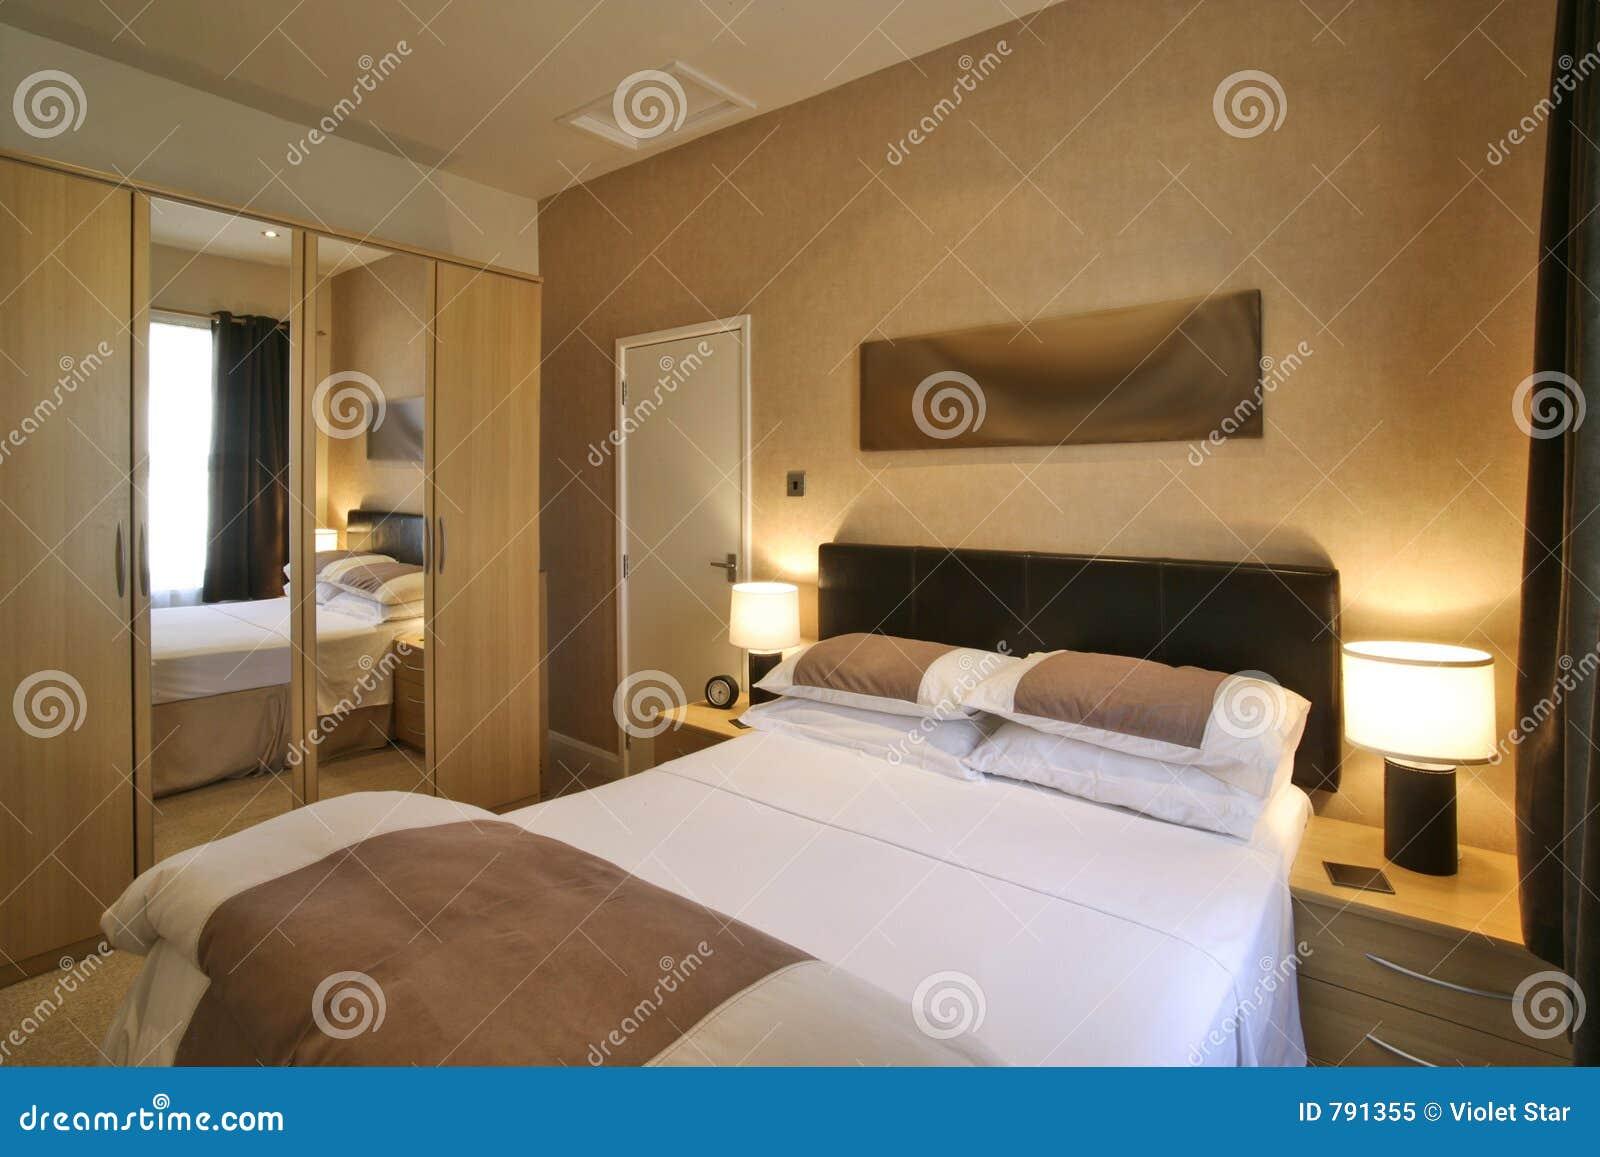 Chambre coucher de luxe photo libre de droits image for Des chambres a coucher